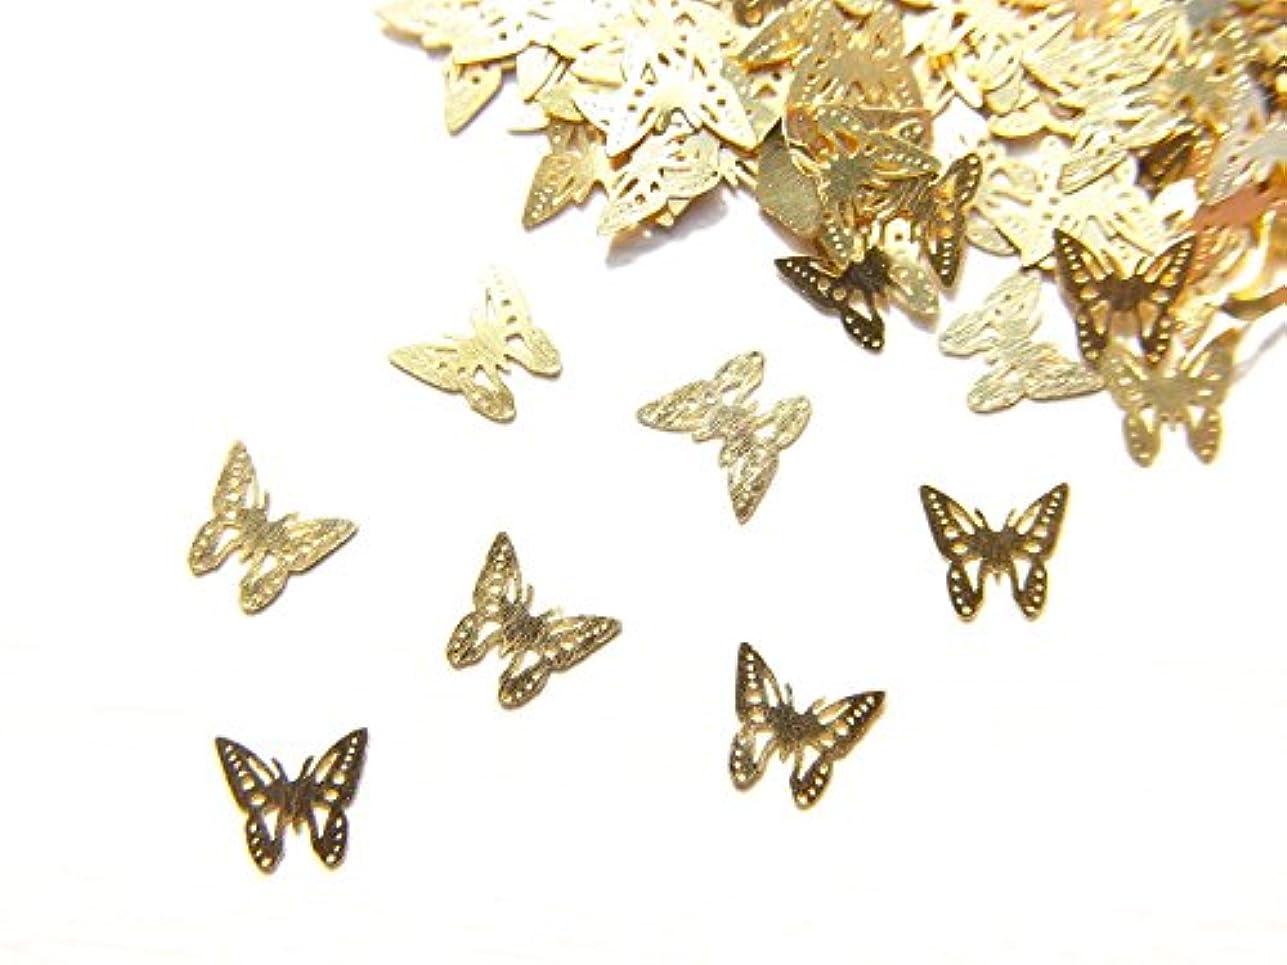 割り当てるで大学院【jewel】ug24 薄型ゴールド メタルパーツ Sサイズ バタフライ 蝶 A 10個入り ネイルアートパーツ レジンパーツ